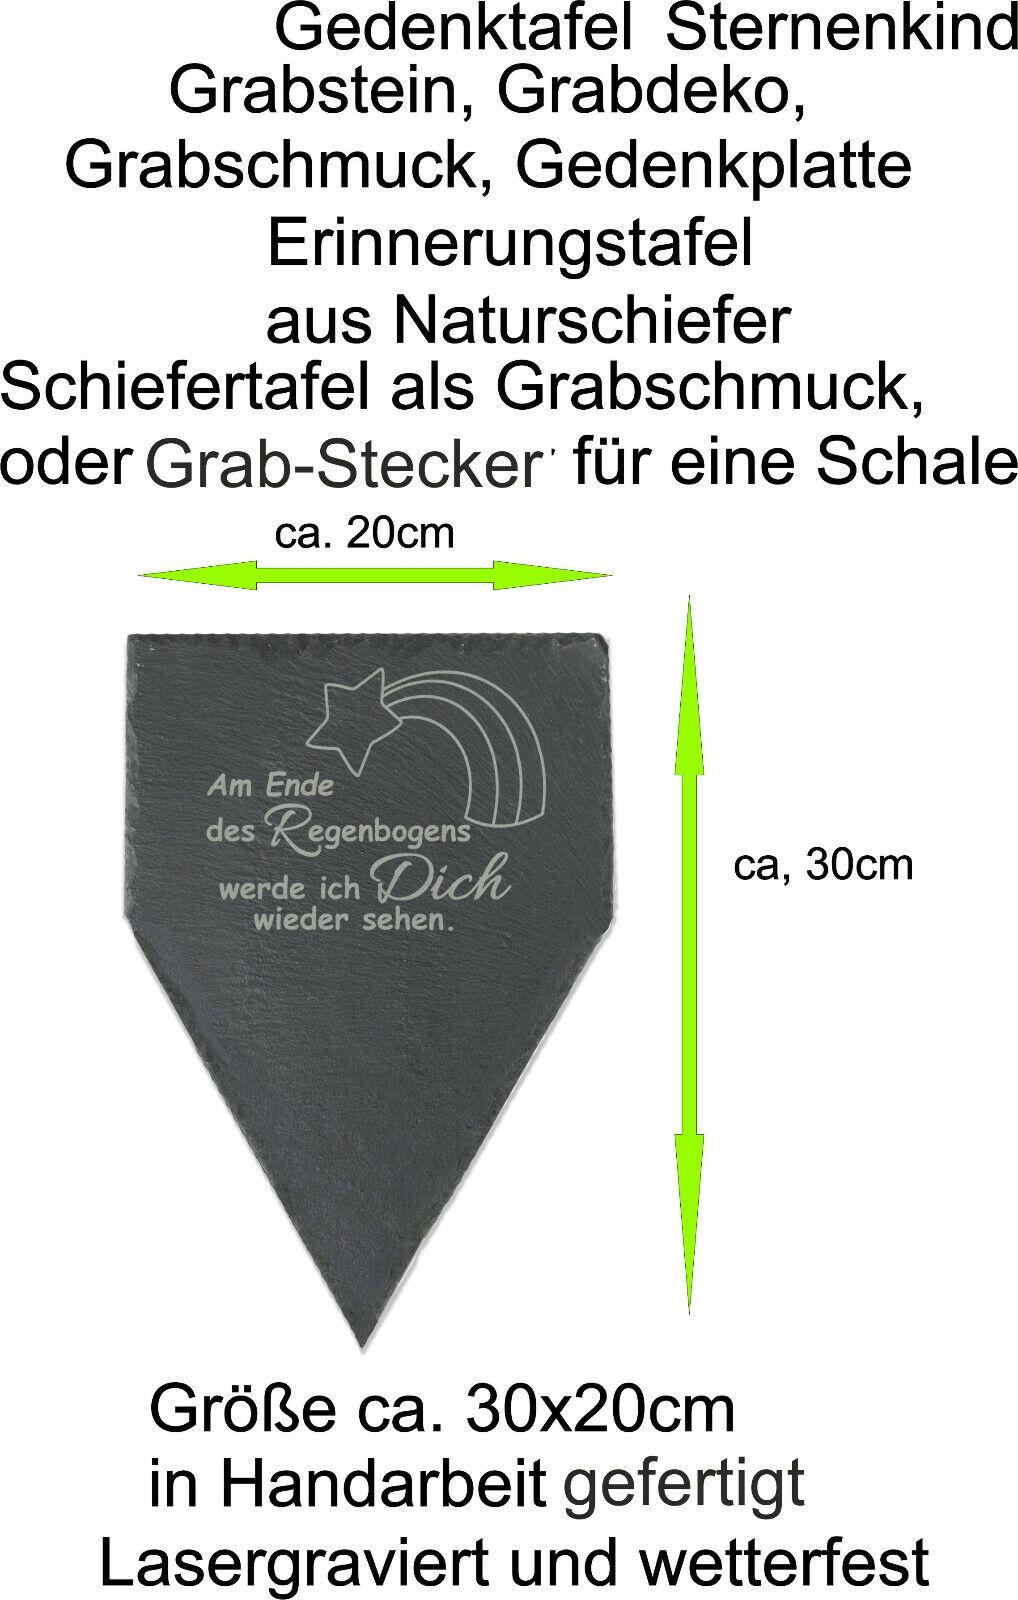 Grabschmuck Gedenktafel Trauerspruch Schiefer Grabstein Grabplatte Regenbogen